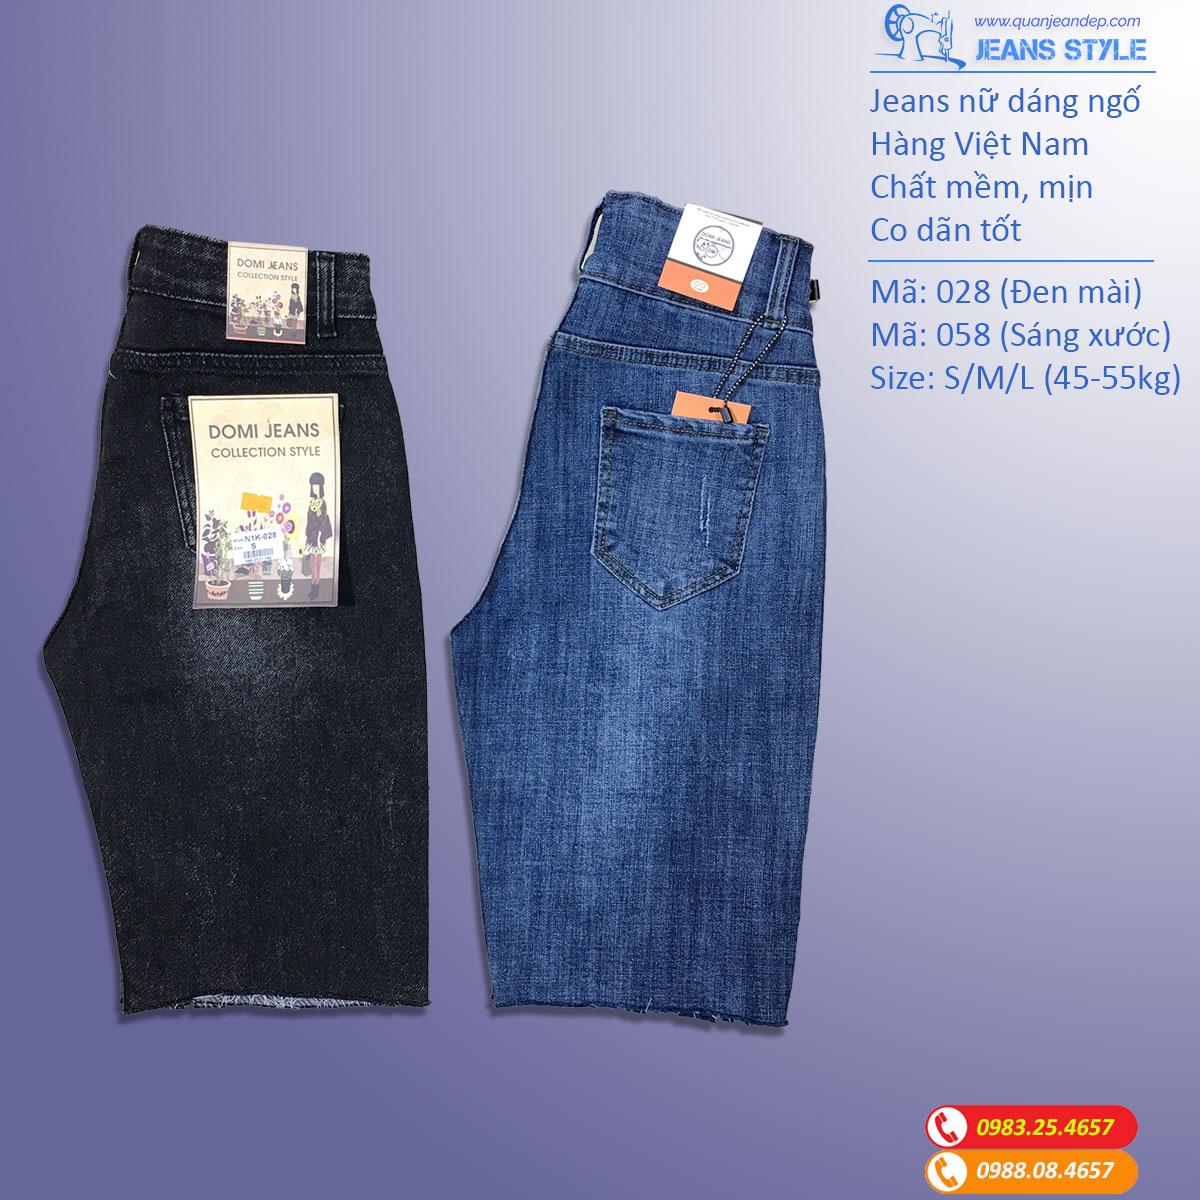 Jeans ngố nữ dáng ôm vừa, cạp cao, co dãn 028-058 Giá:270.000,00 ₫